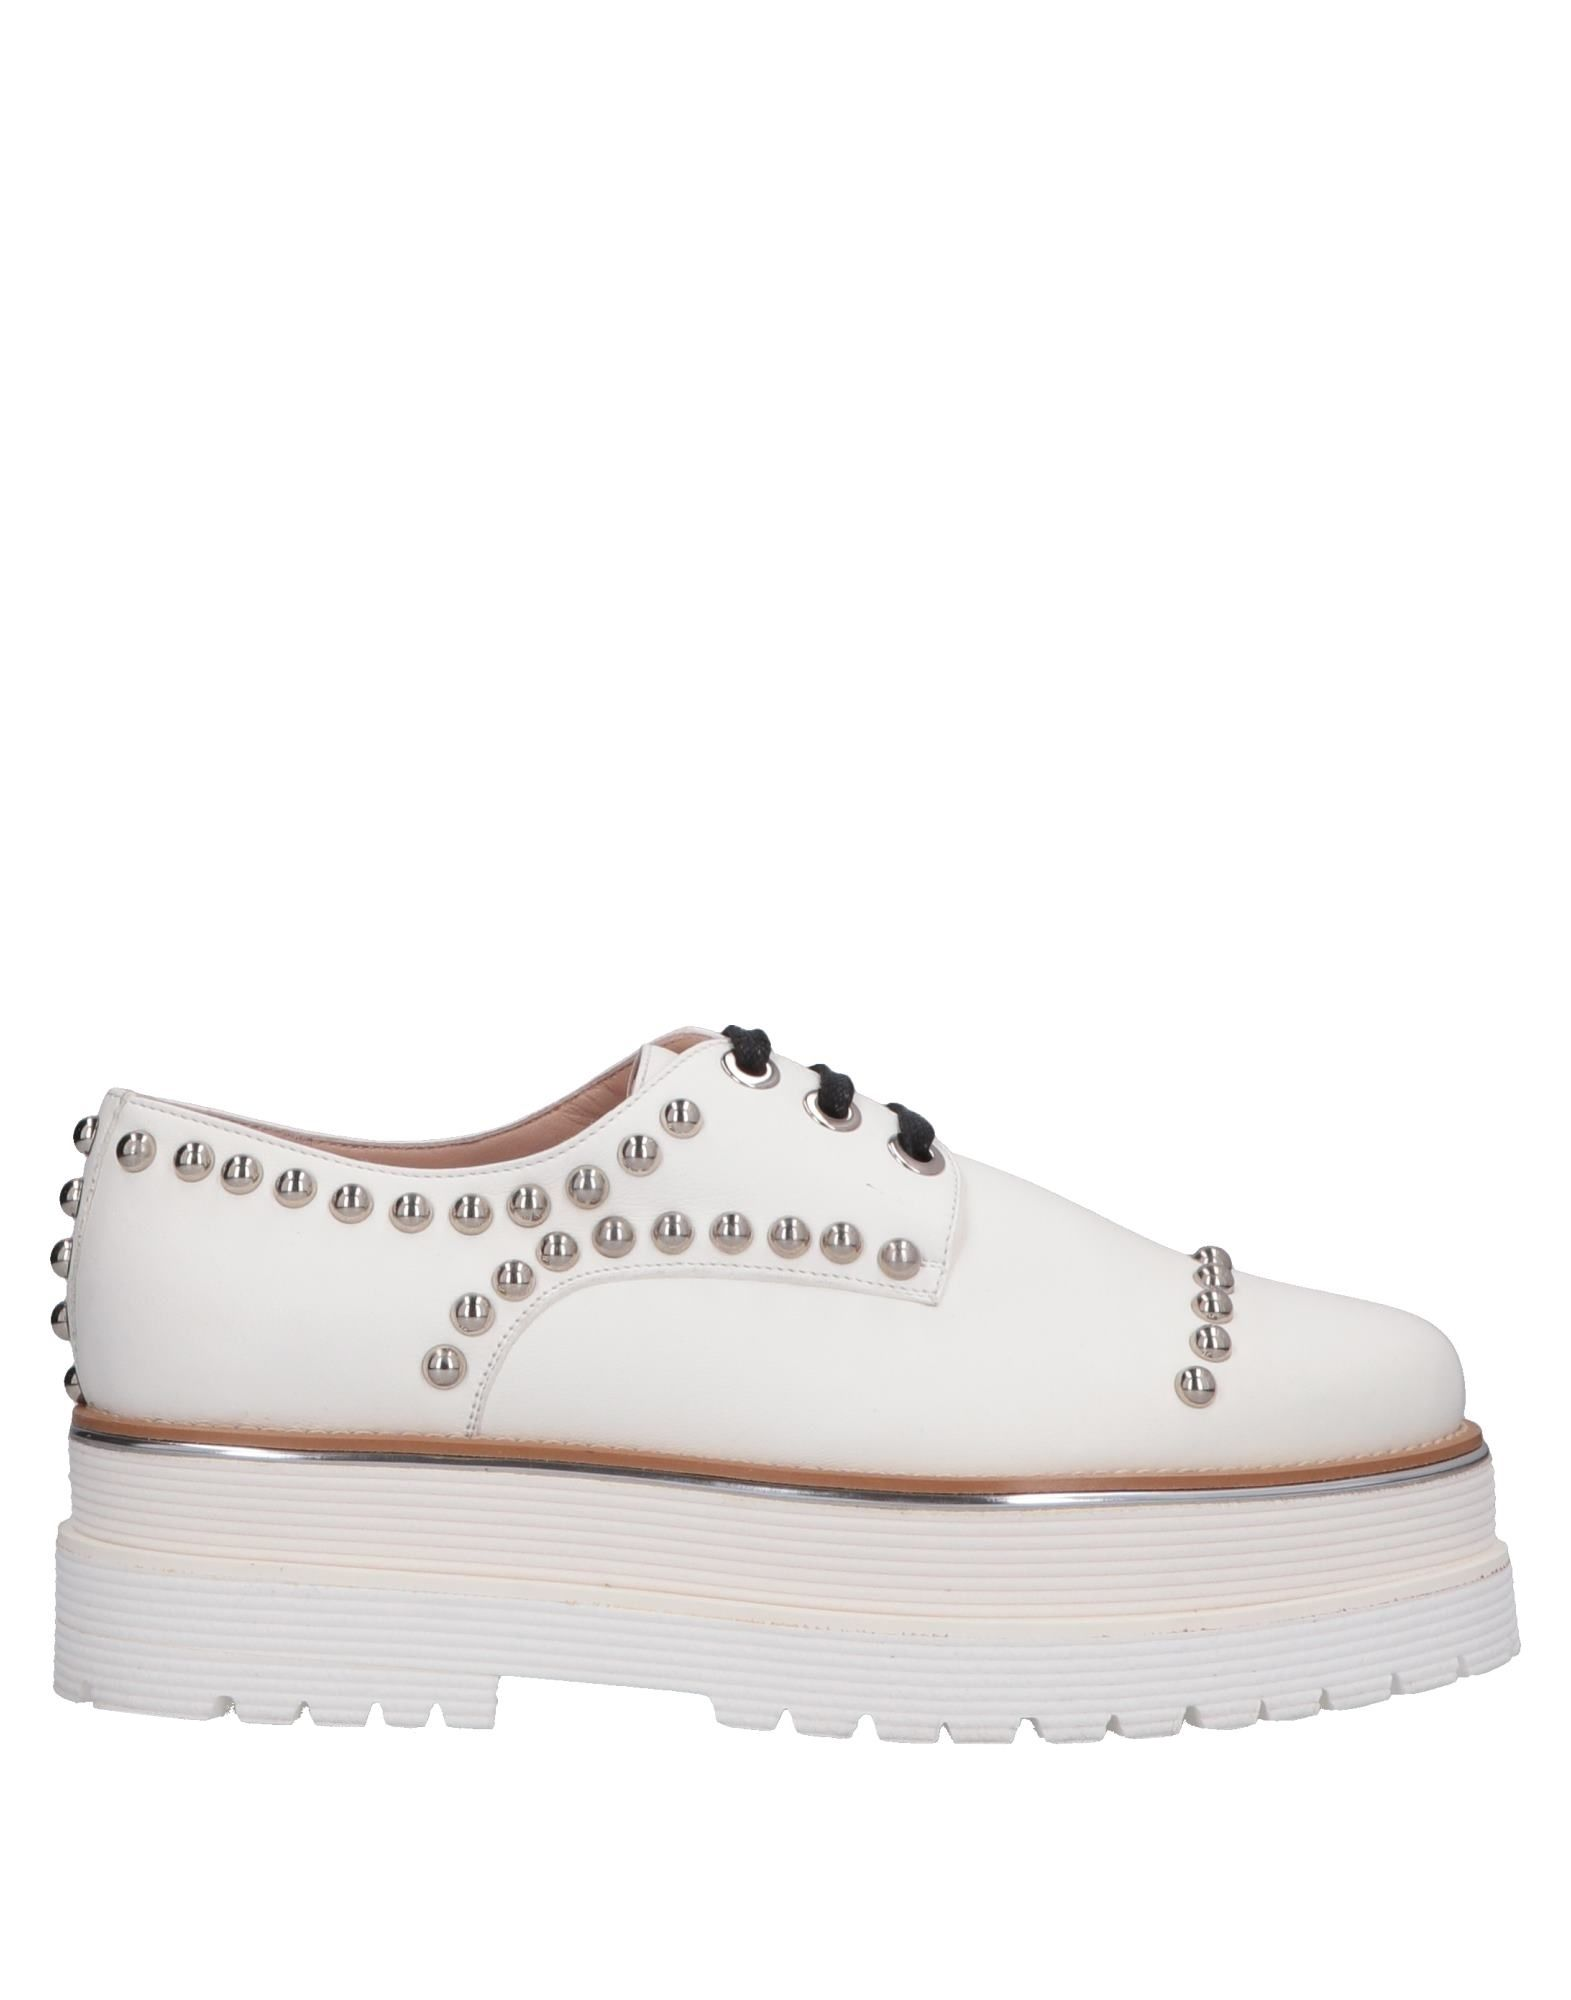 VICTORIA WOOD Обувь на шнурках victoria обувь для активного отдыха victoria vca106664 зеленый